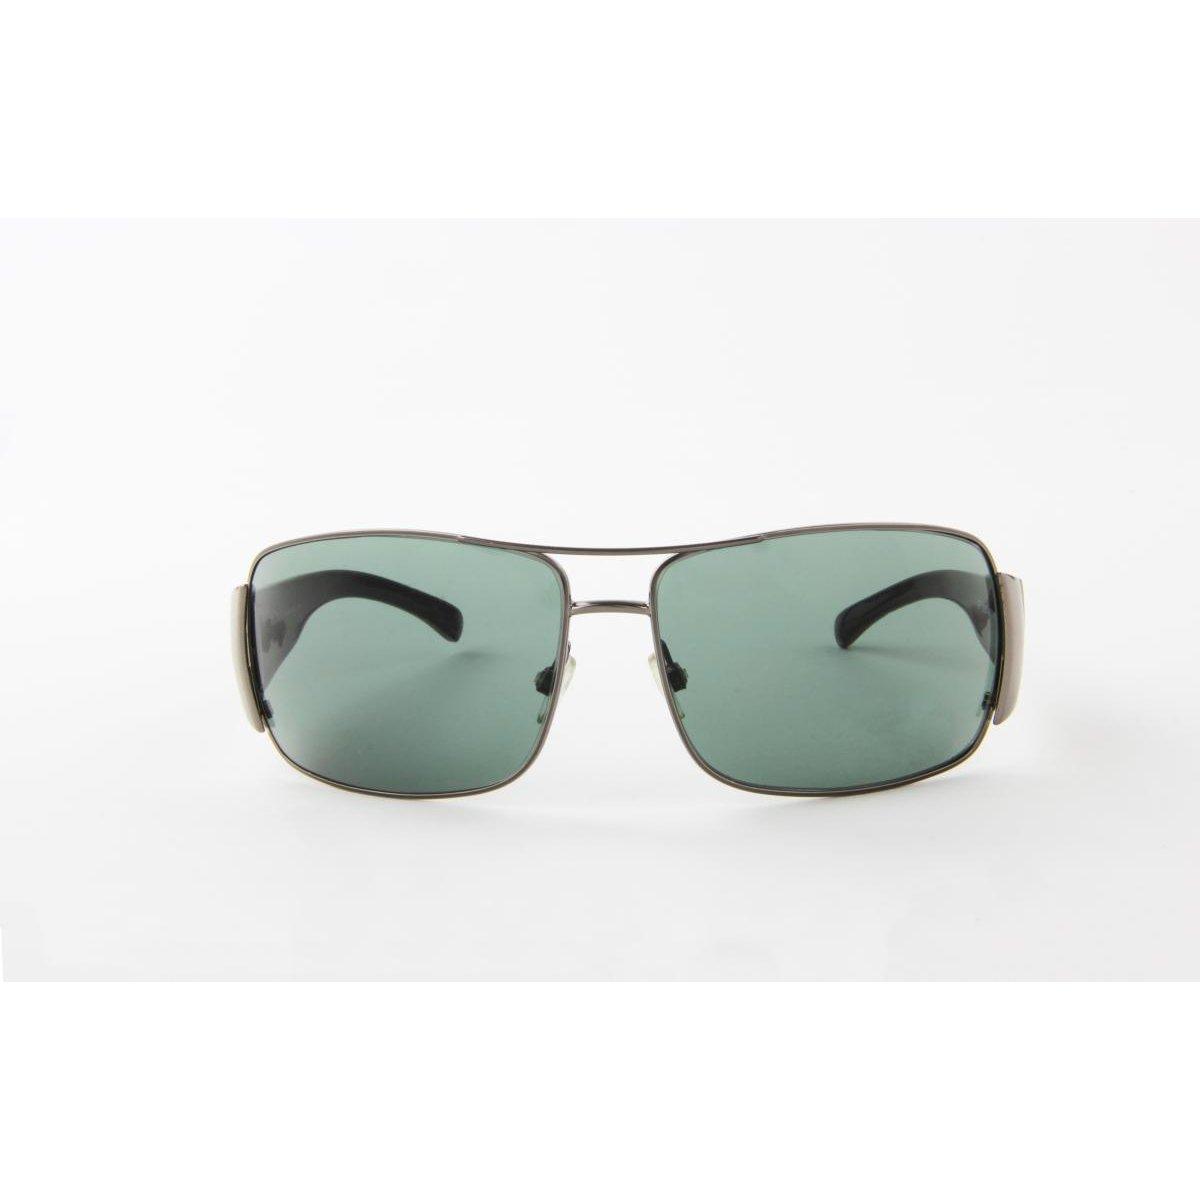 5bc7a91fa149a Óculos de Sol Platini em Metal Lente - Compre Agora